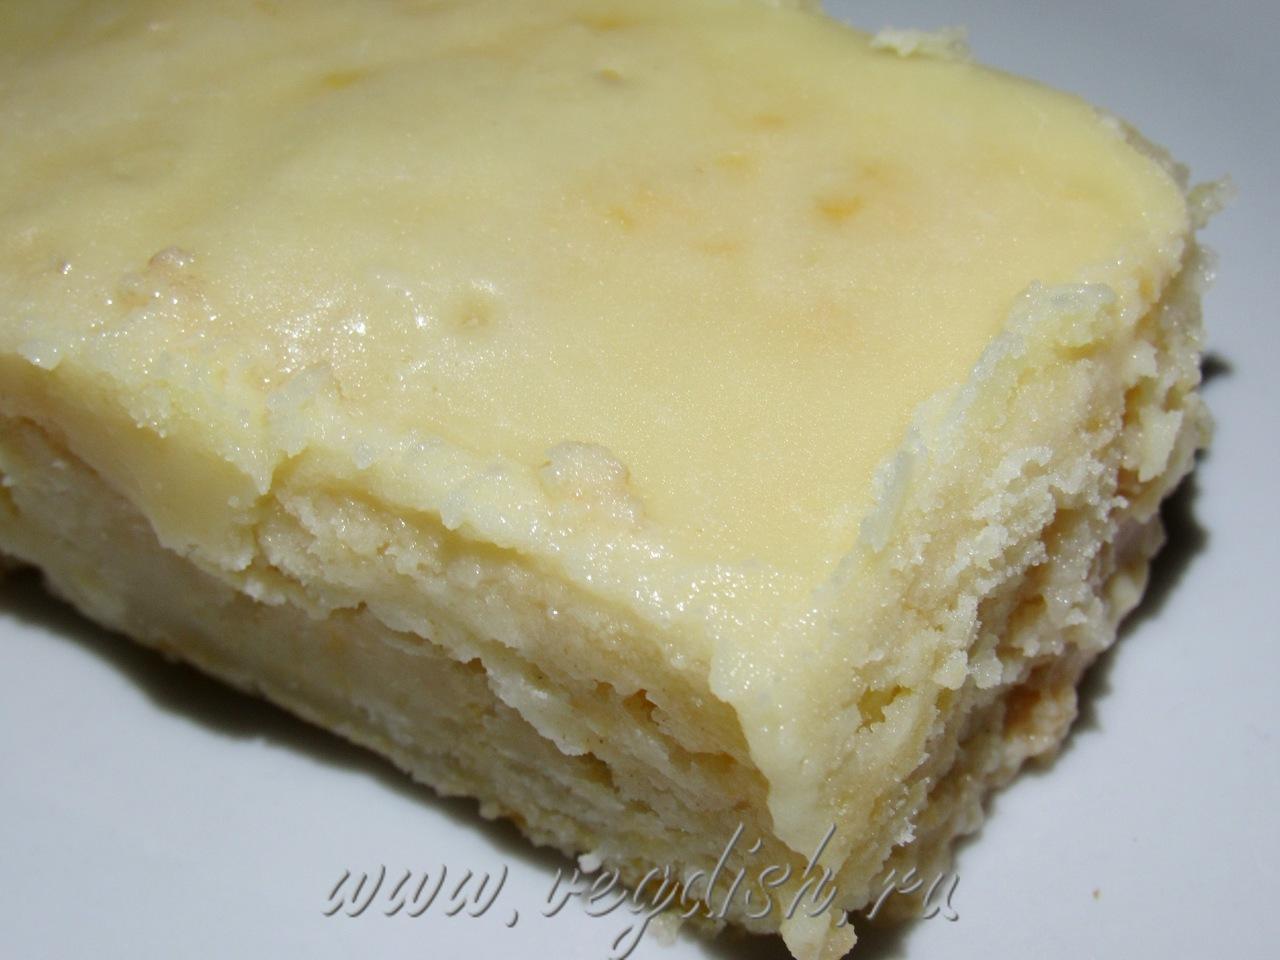 Тыквенный пирог с заварным кремом